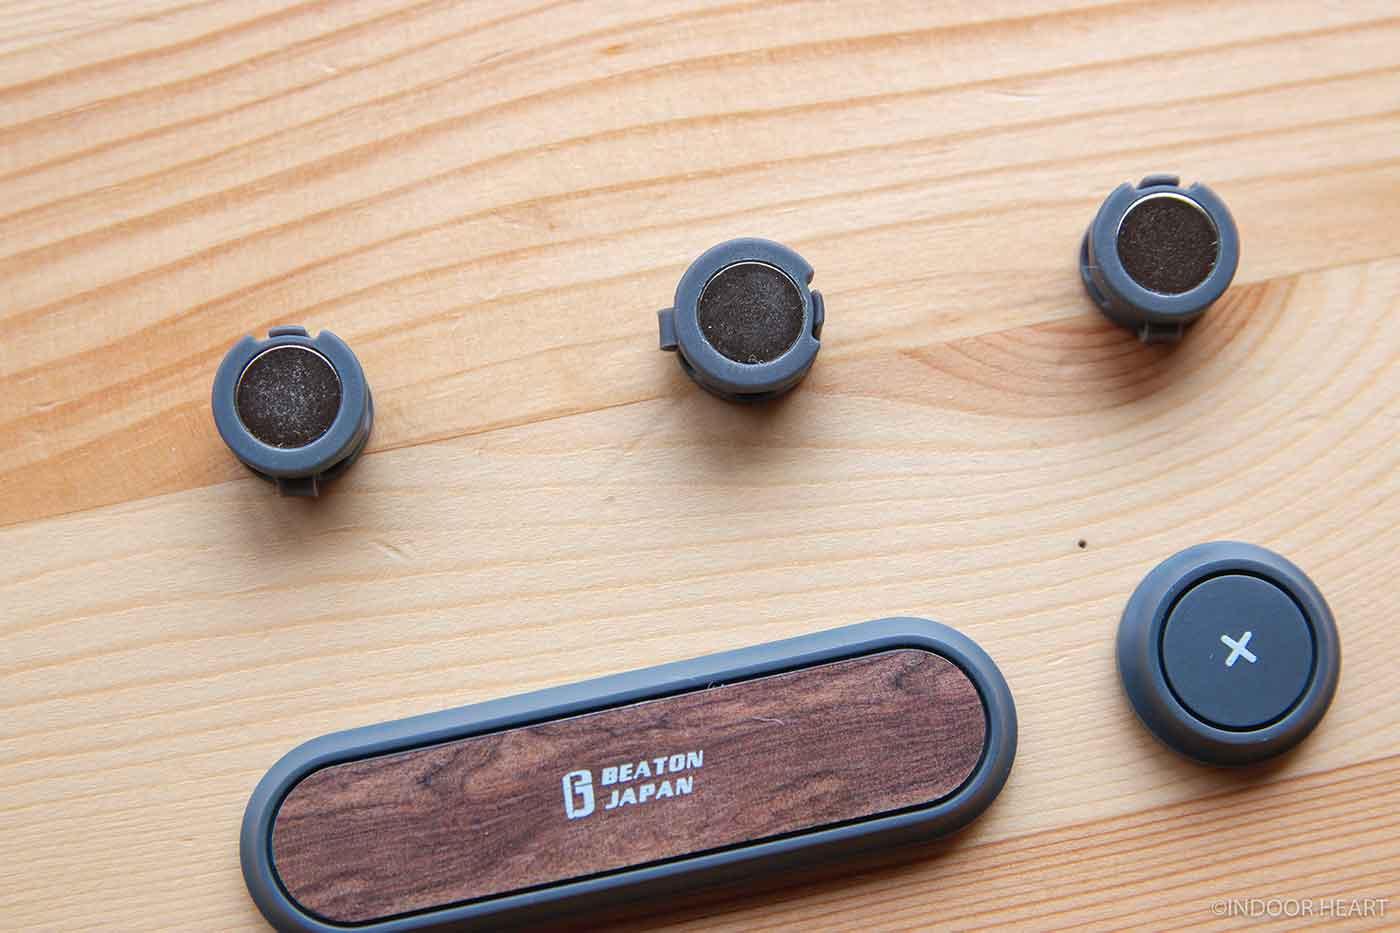 ケーブルホルダーの磁石